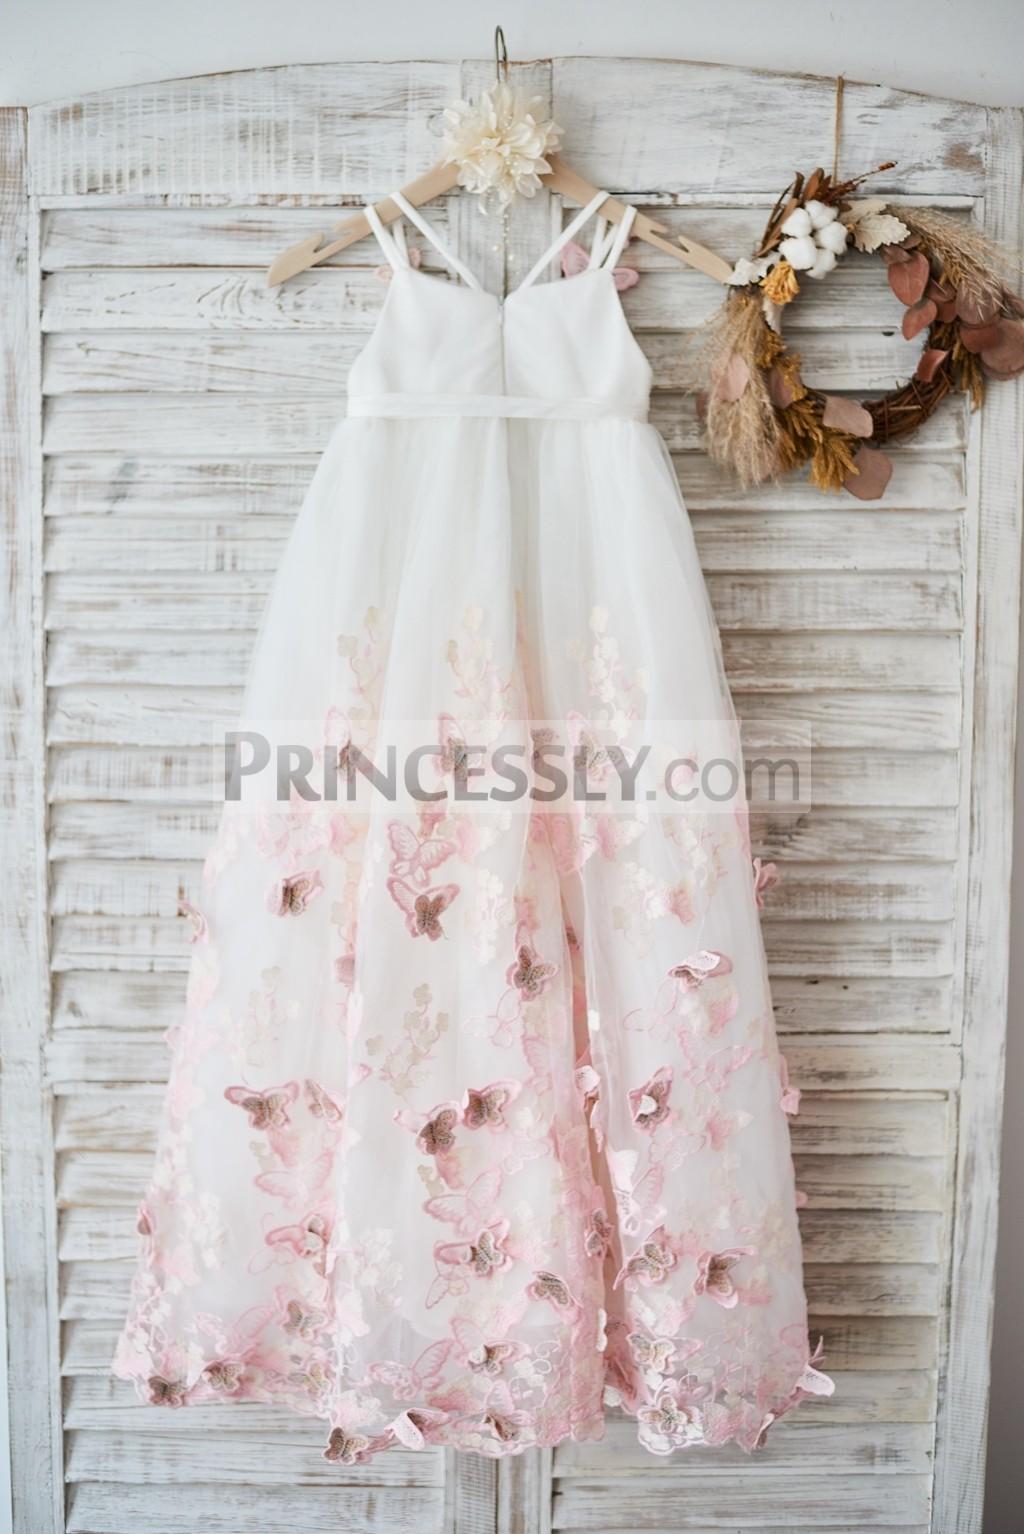 Spaghetti straps V neckline tulle wedding flower girl dress